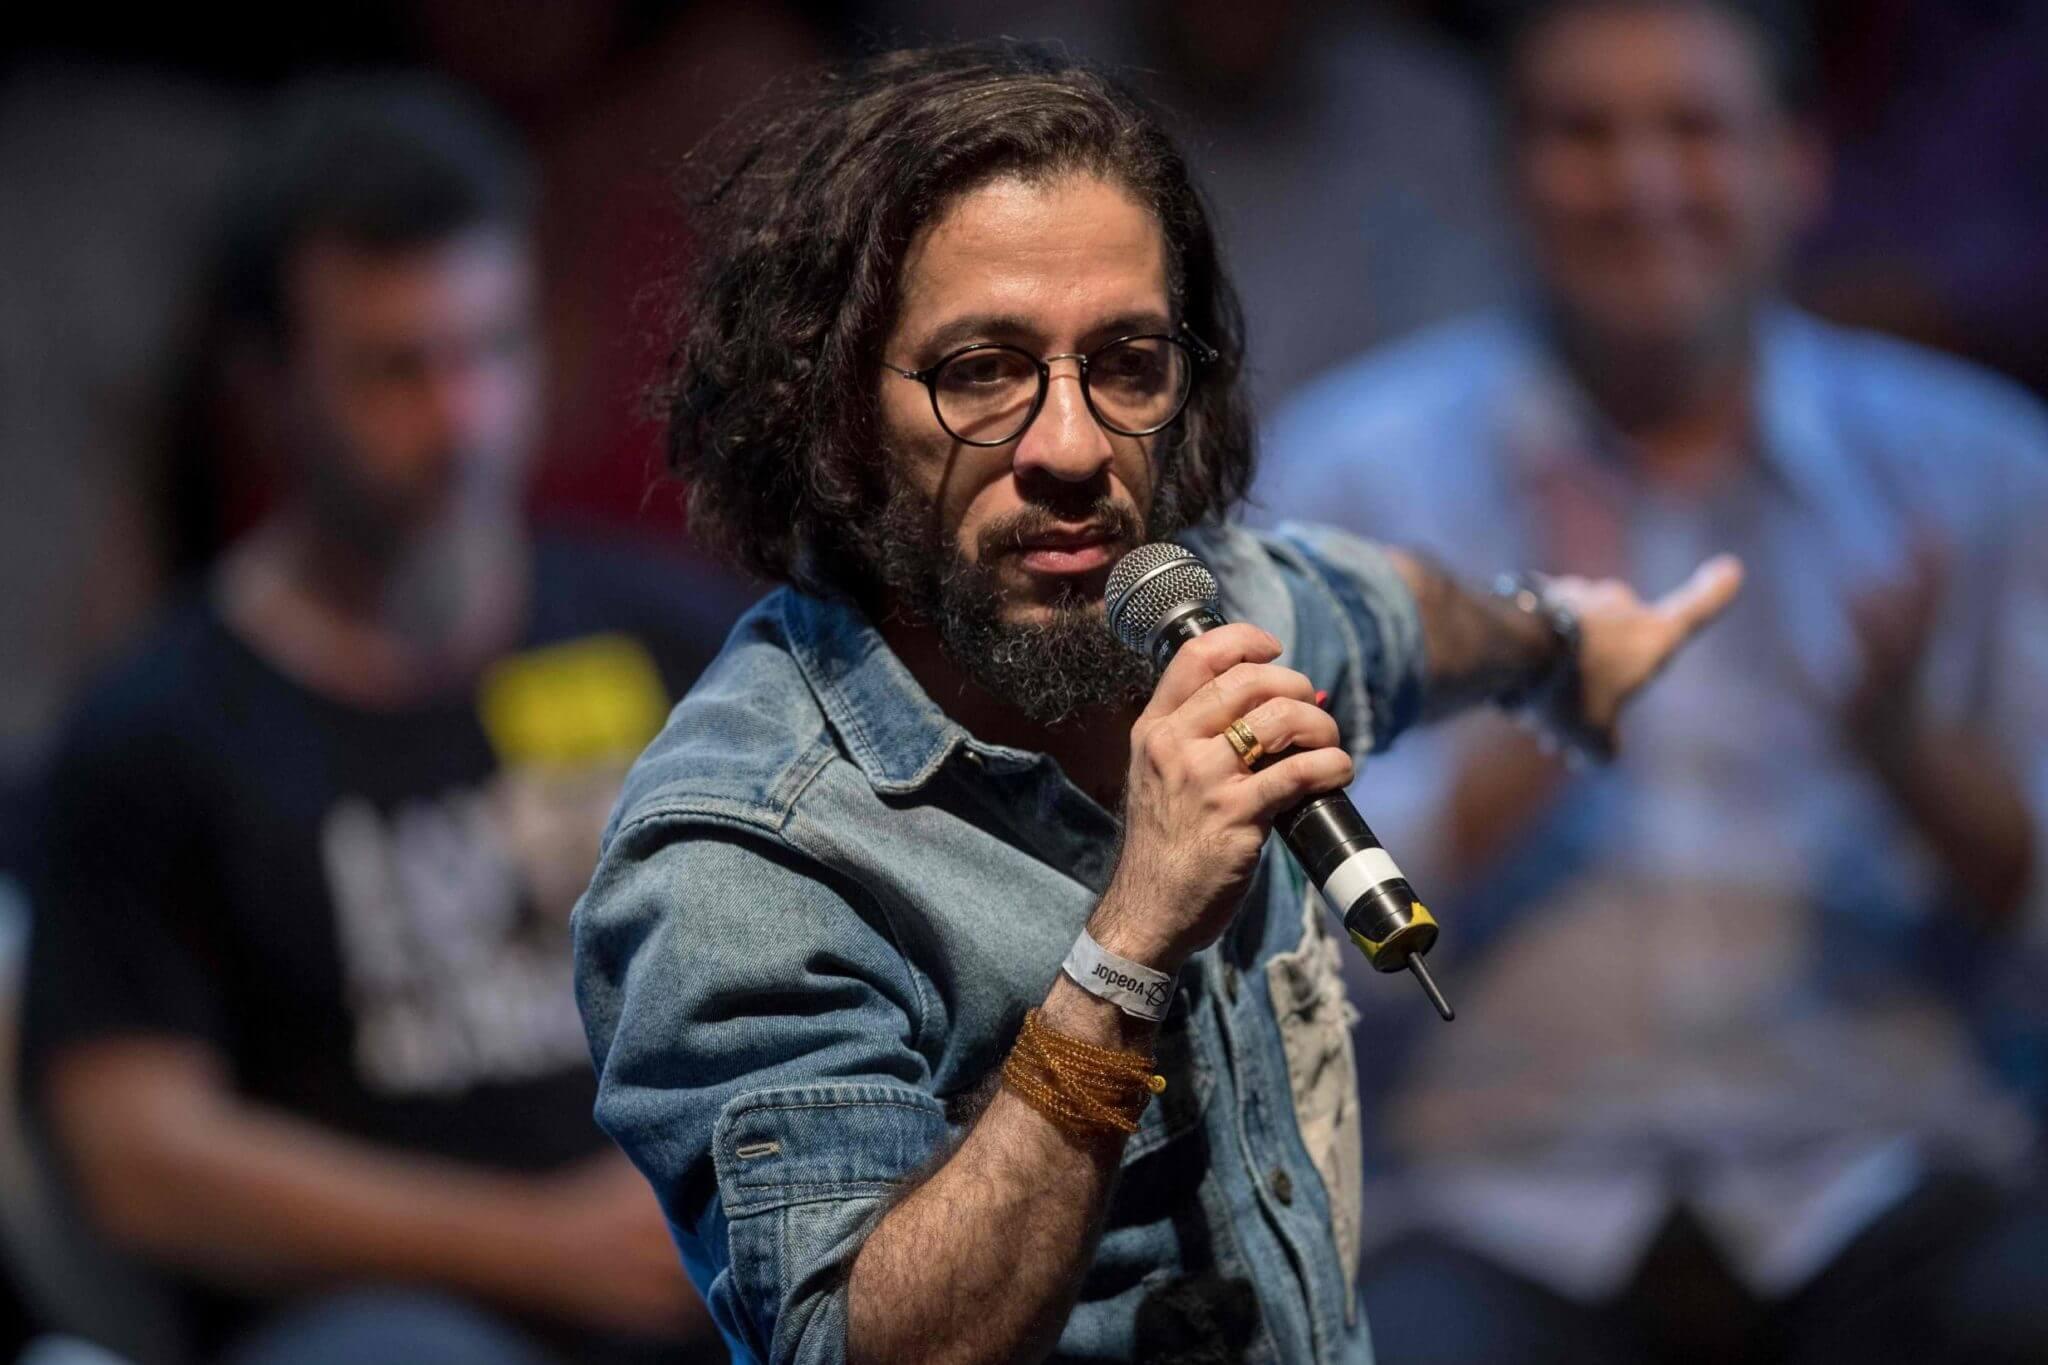 Brasil: Diputado gay Jean Wyllys renuncia y abandona el país por amenazas de muerte